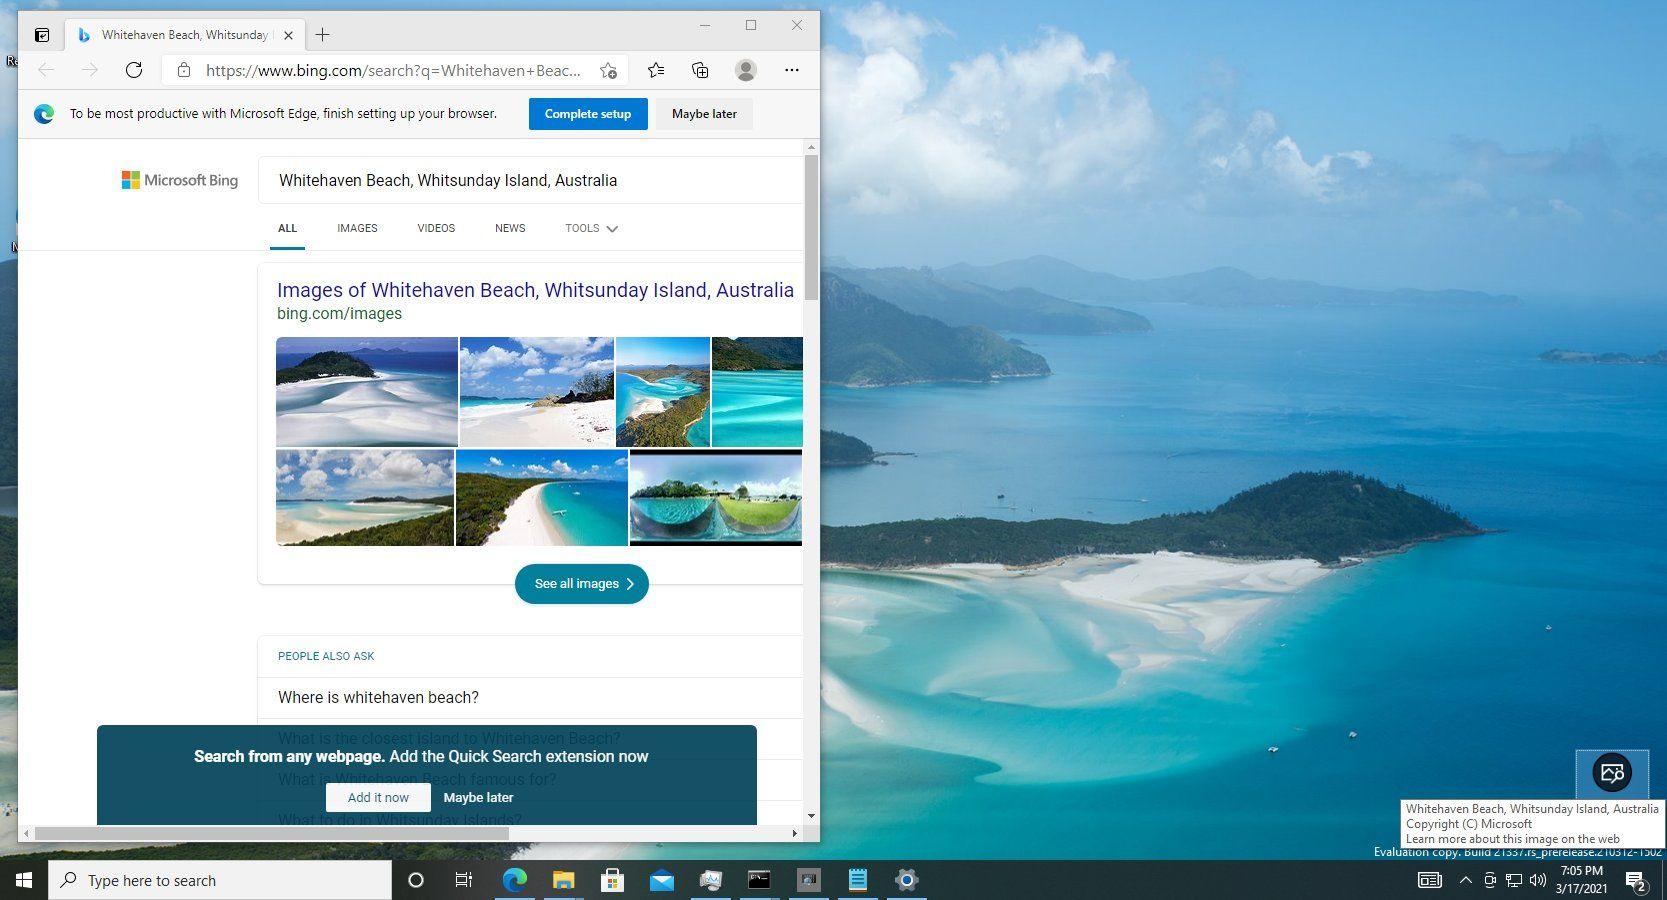 Windows Blickpunkt Als Desktophintergrund